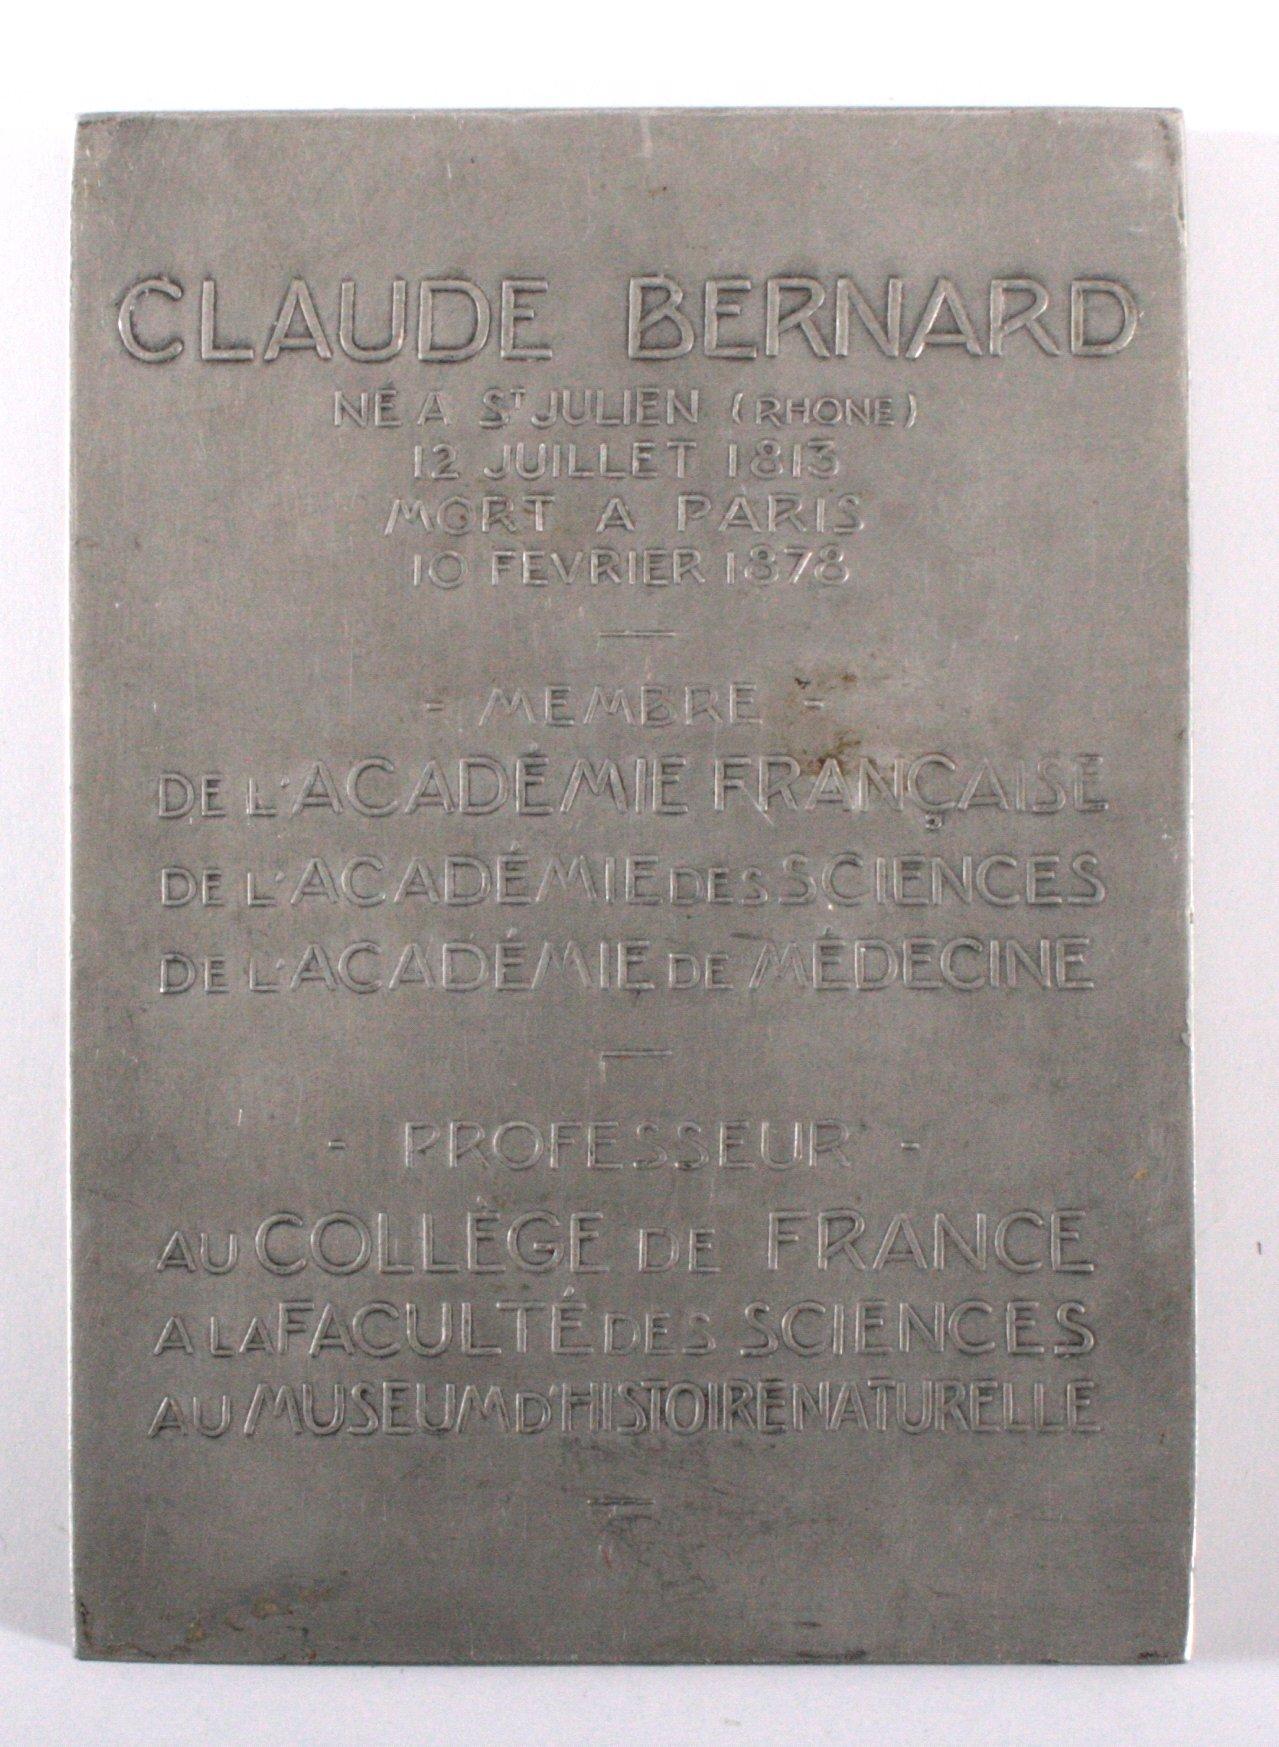 Französische Aluminiumplakette, Claude Bernard, signiert-1